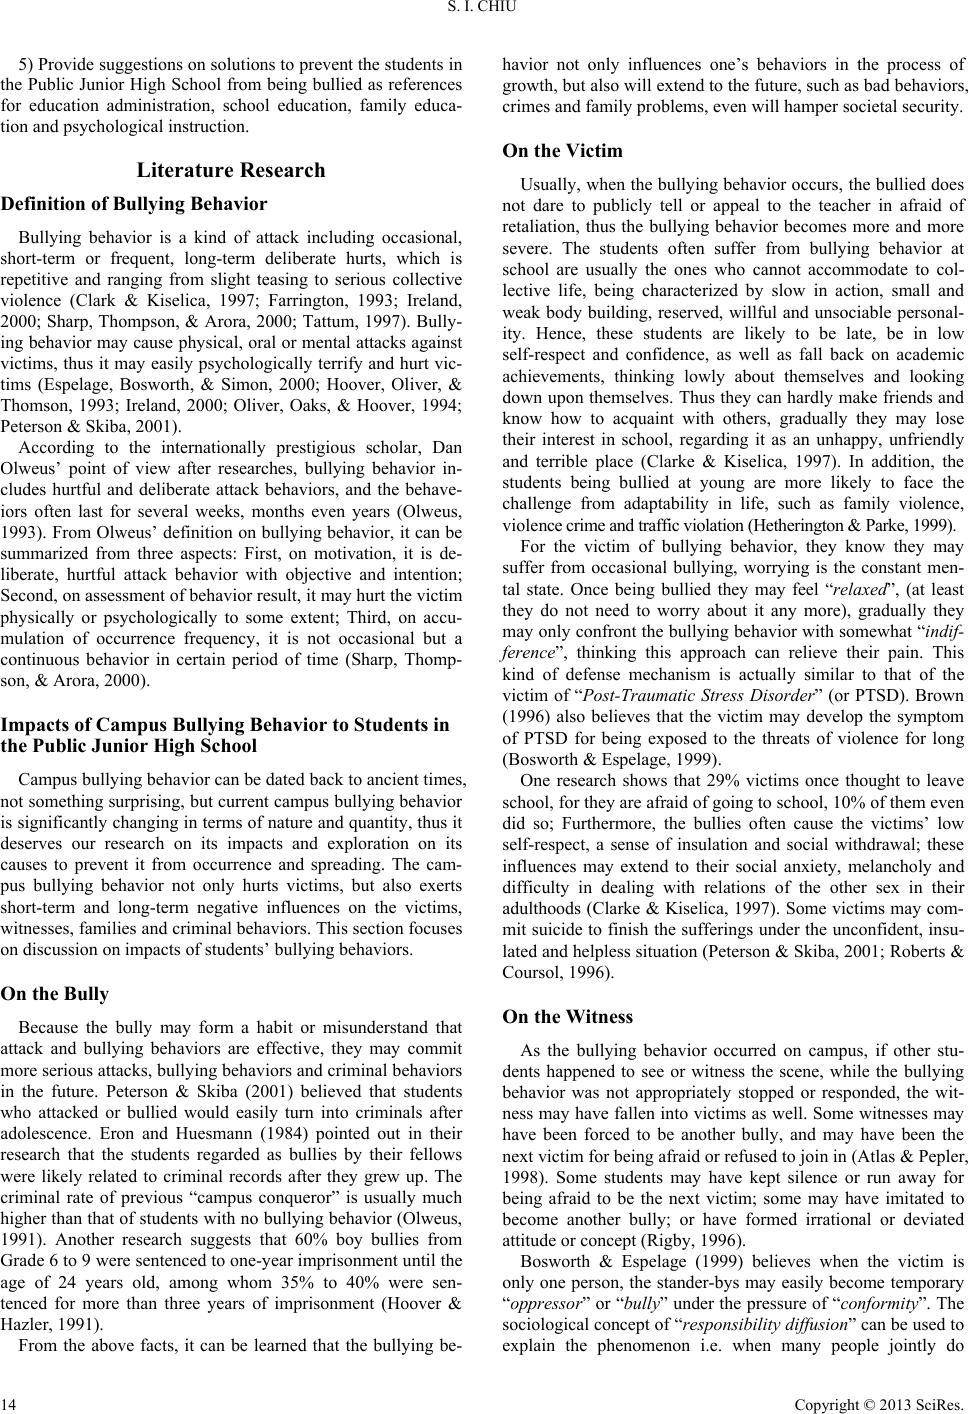 Essay tungkol sa wikang filipino 2012